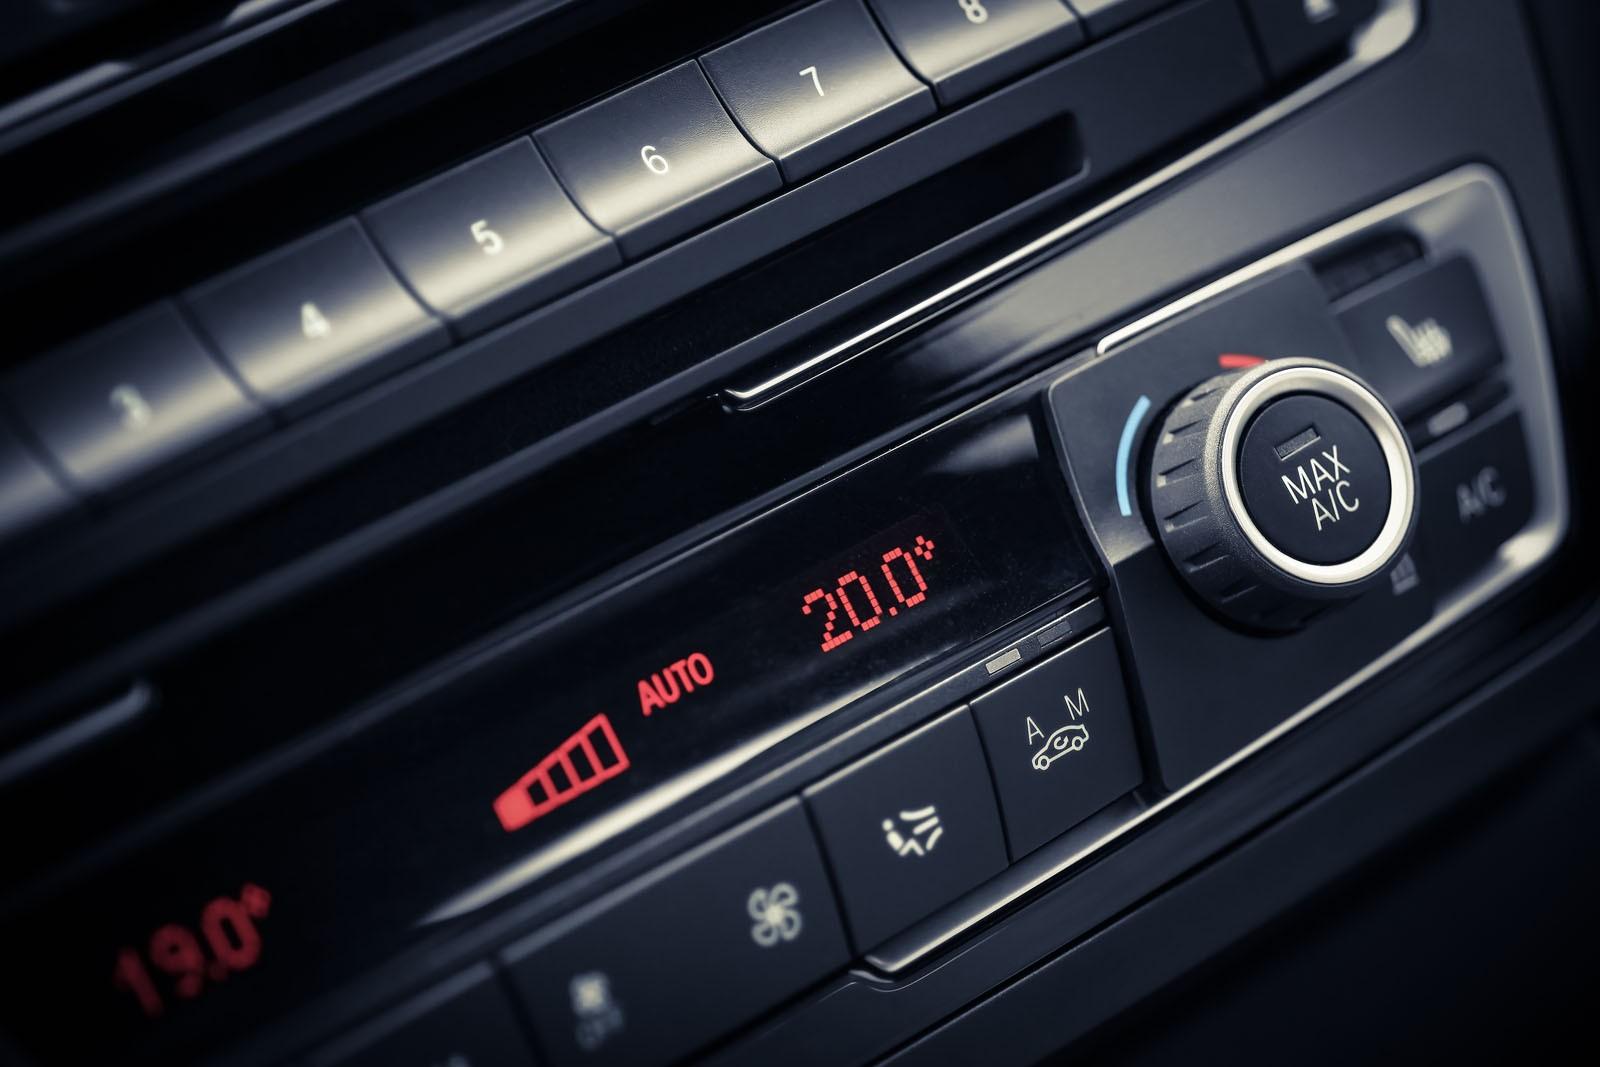 С одышкой и ползком: почему в жару машина плохо едет и что с этим делать?